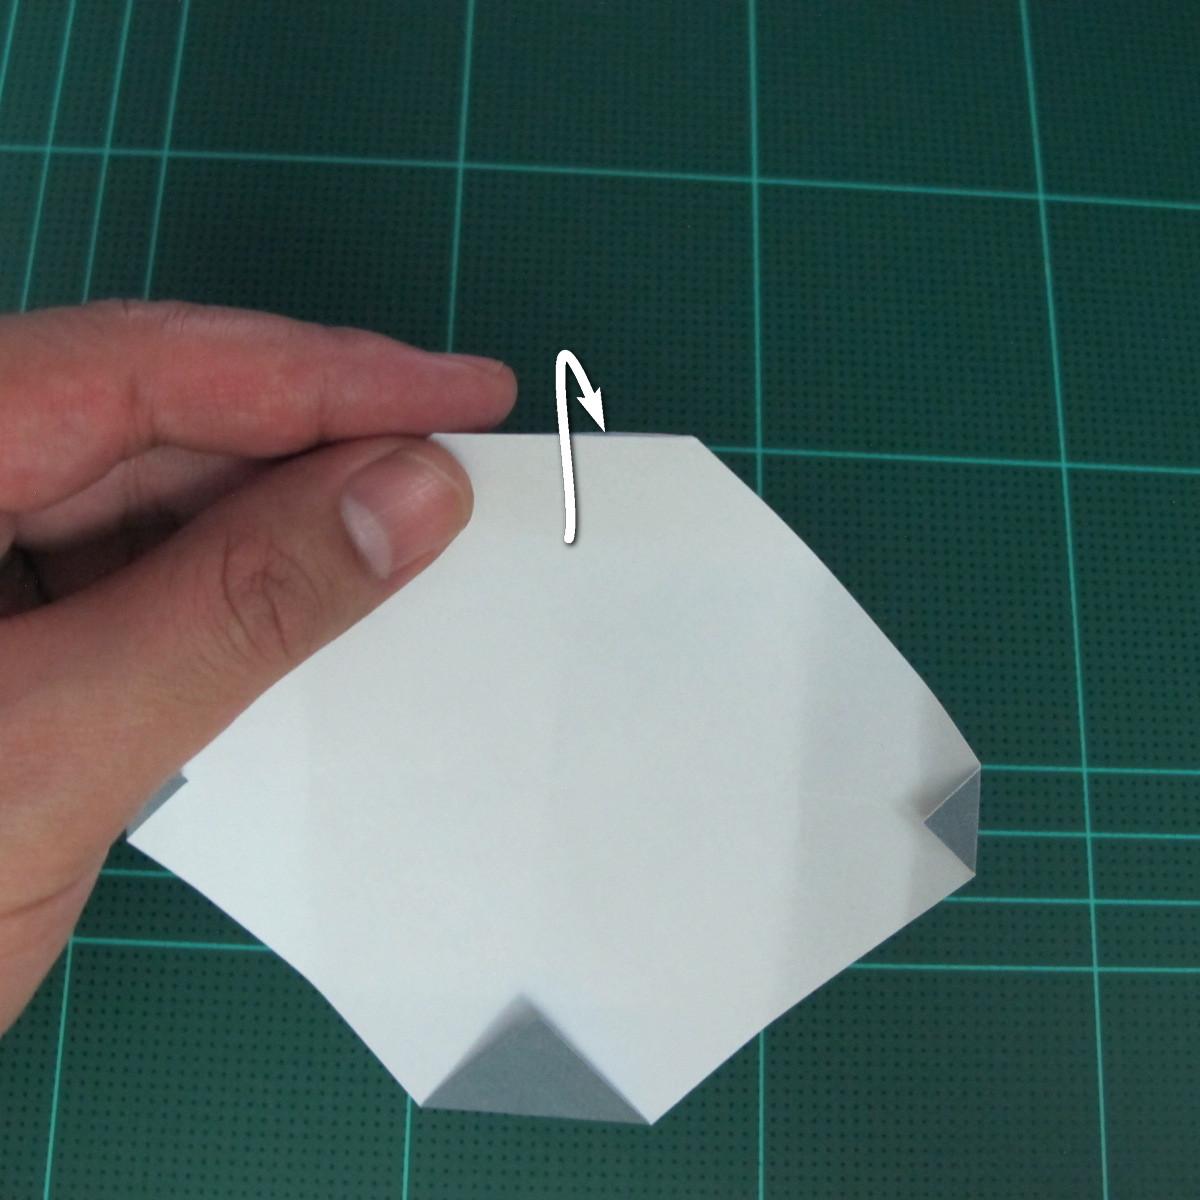 วิธีพับกระดาษเป็นรูปลูกสุนัข (แบบใช้กระดาษสองแผ่น) (Origami Dog) 018